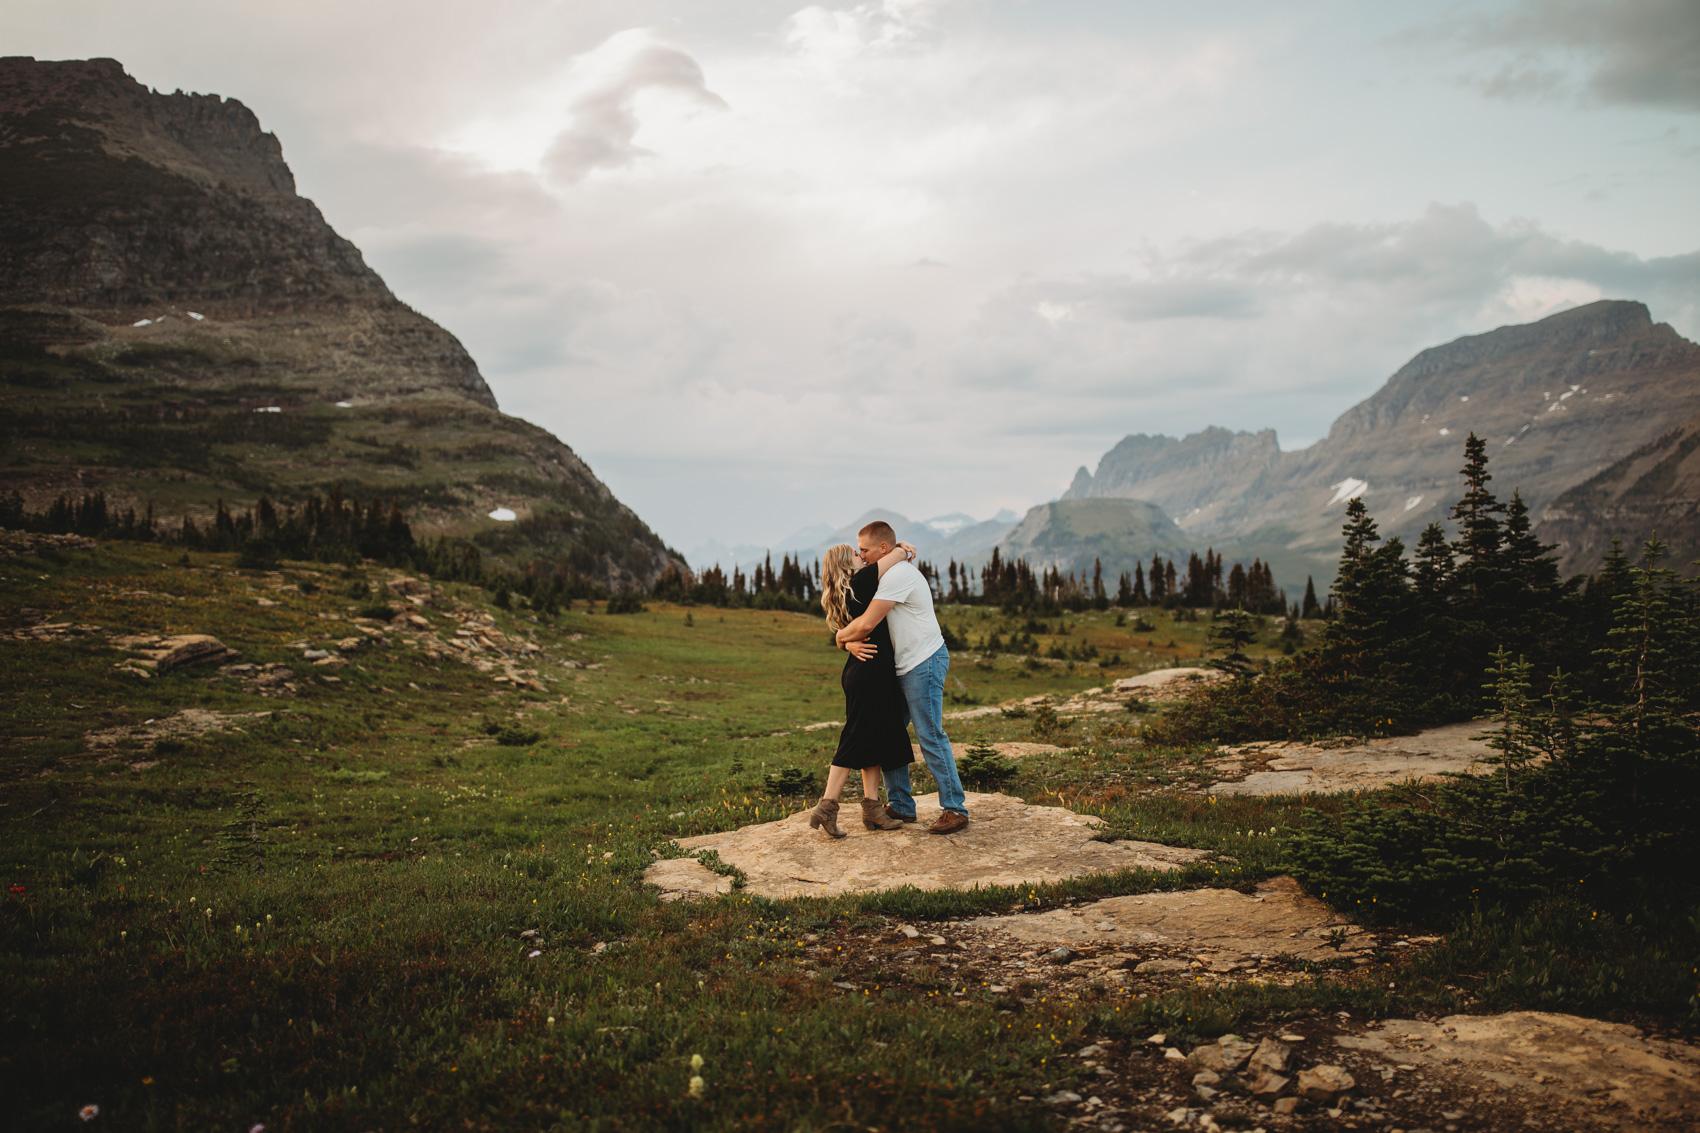 marah-doug-great-falls-montana-engagement-photographer-41.jpg